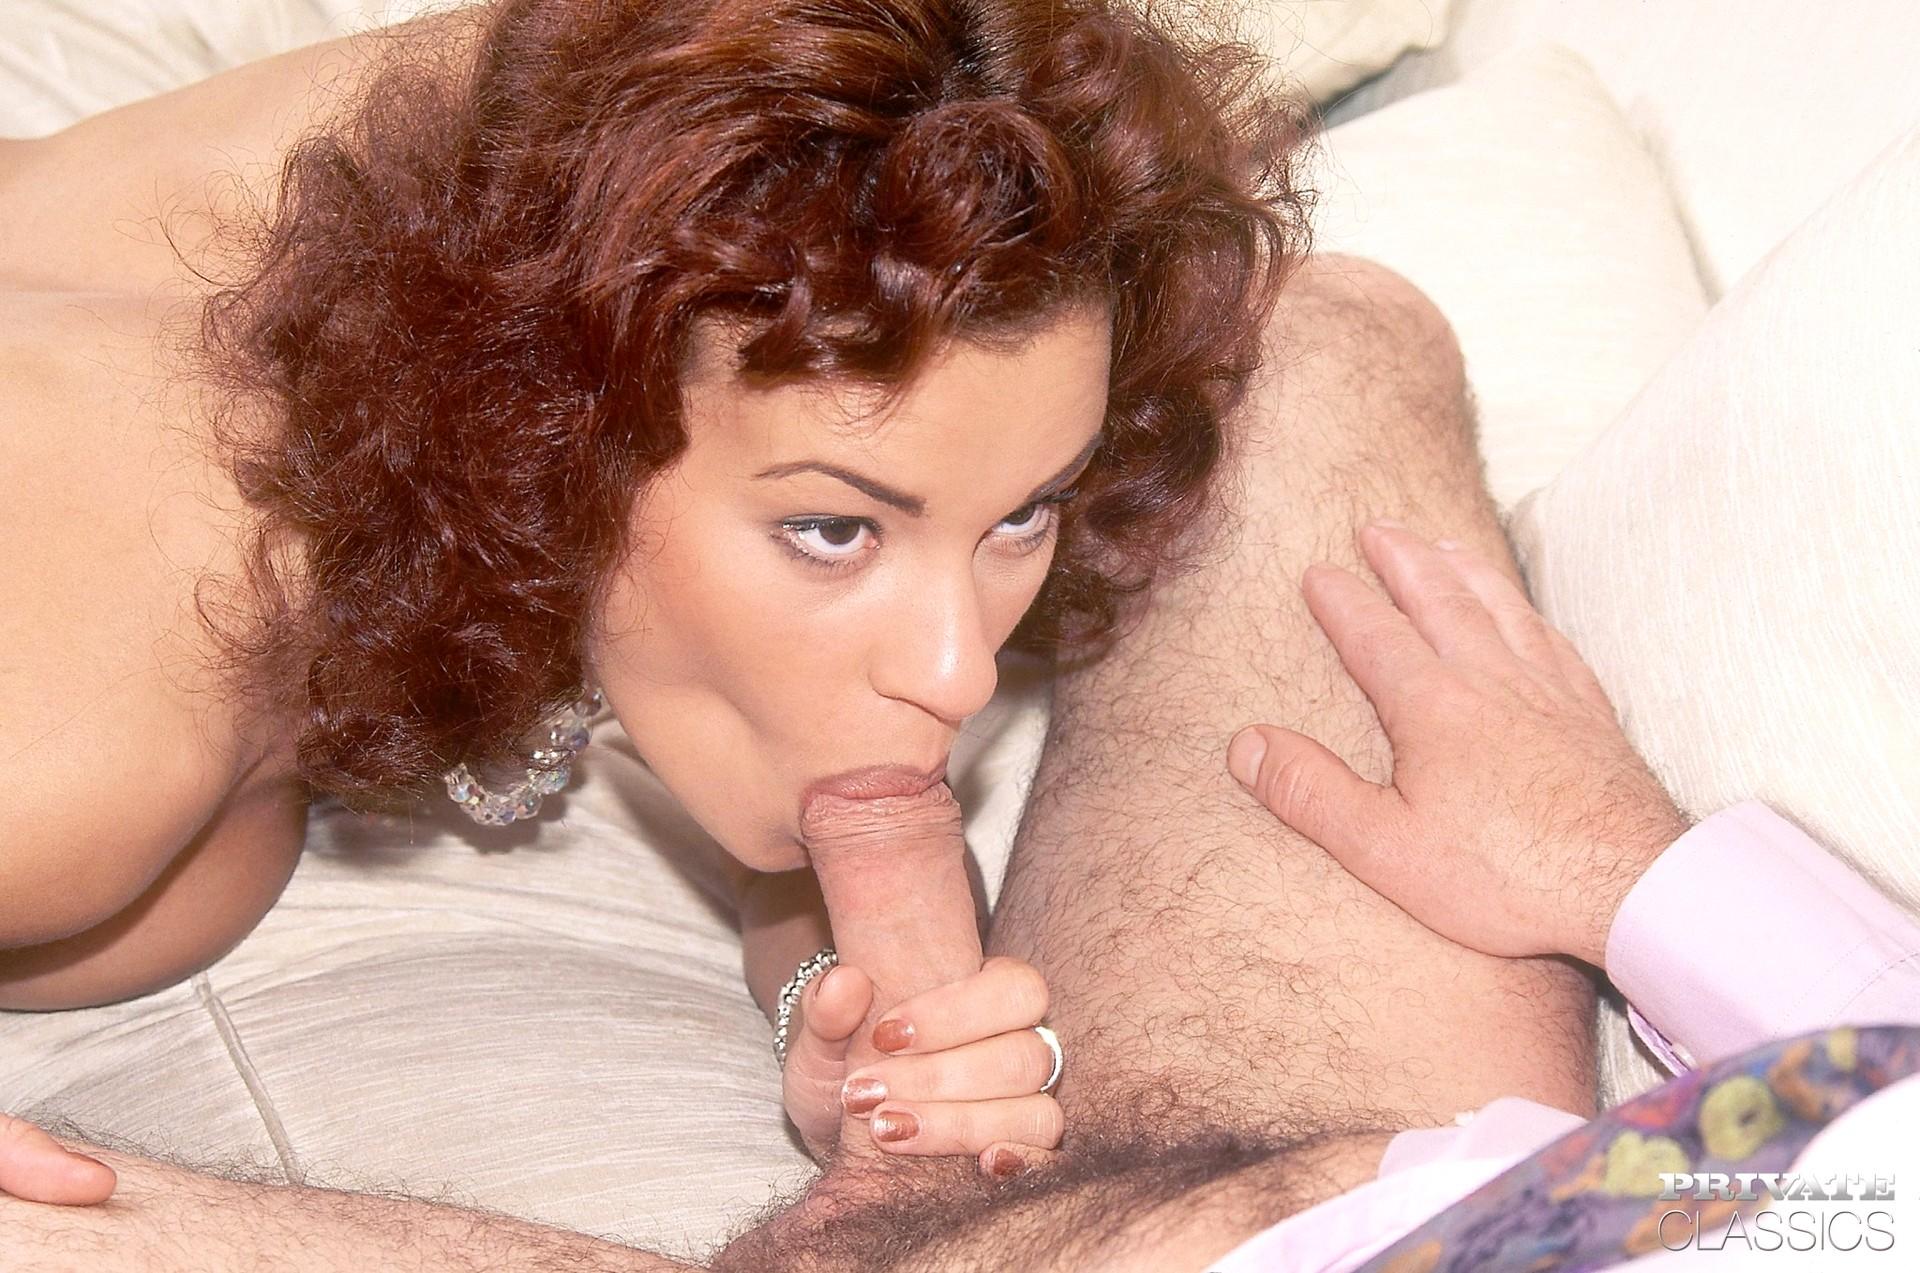 Babe Today Private Classics Julia Spain Cecile Breccia -9604